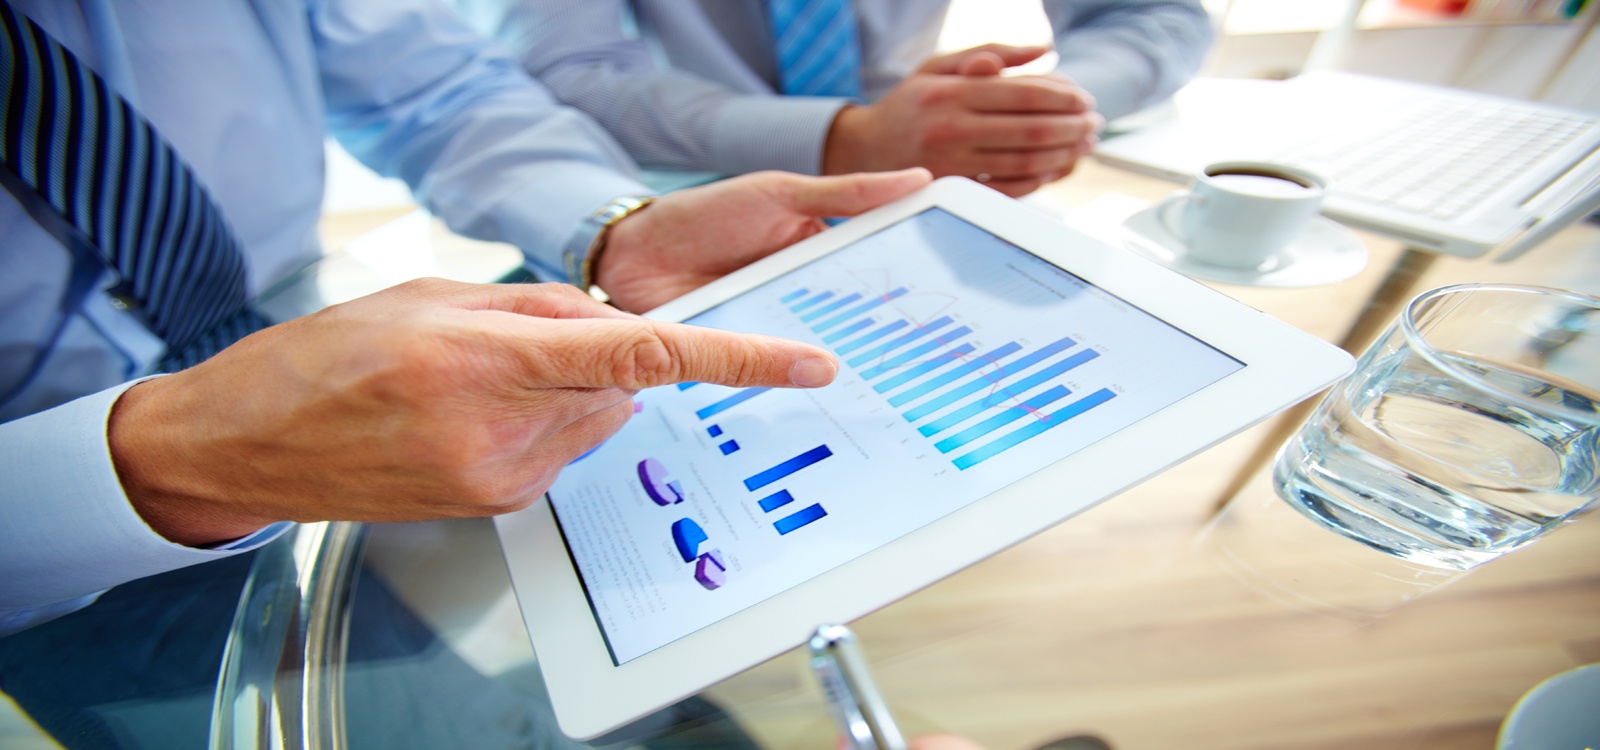 Asesoria-Fiscal-Asesoría-Contable-Asesoría-Laboral-Consultores-Laborales-Consultores-Fiscales-Gestores-Fiscales-Gestores-Laborales-Despacho-Profesional